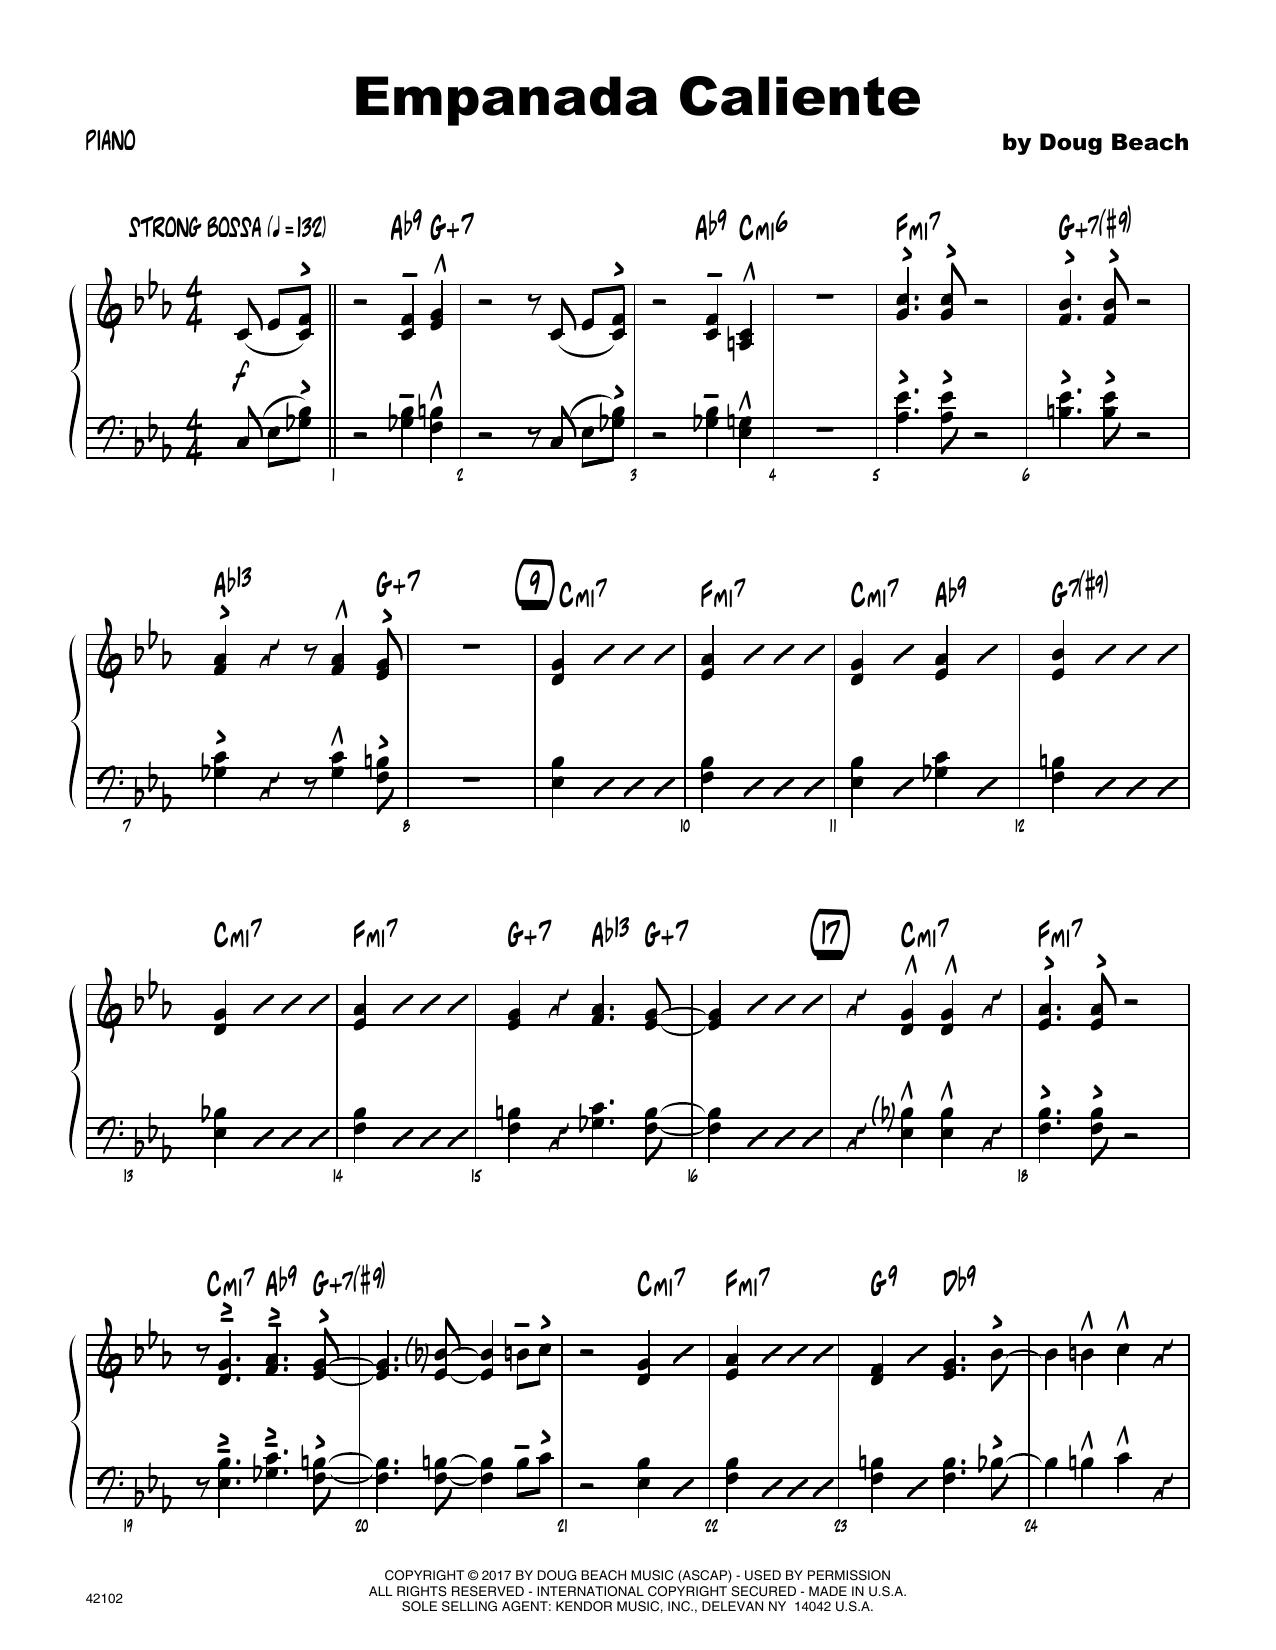 Empanada Caliente - Piano Sheet Music